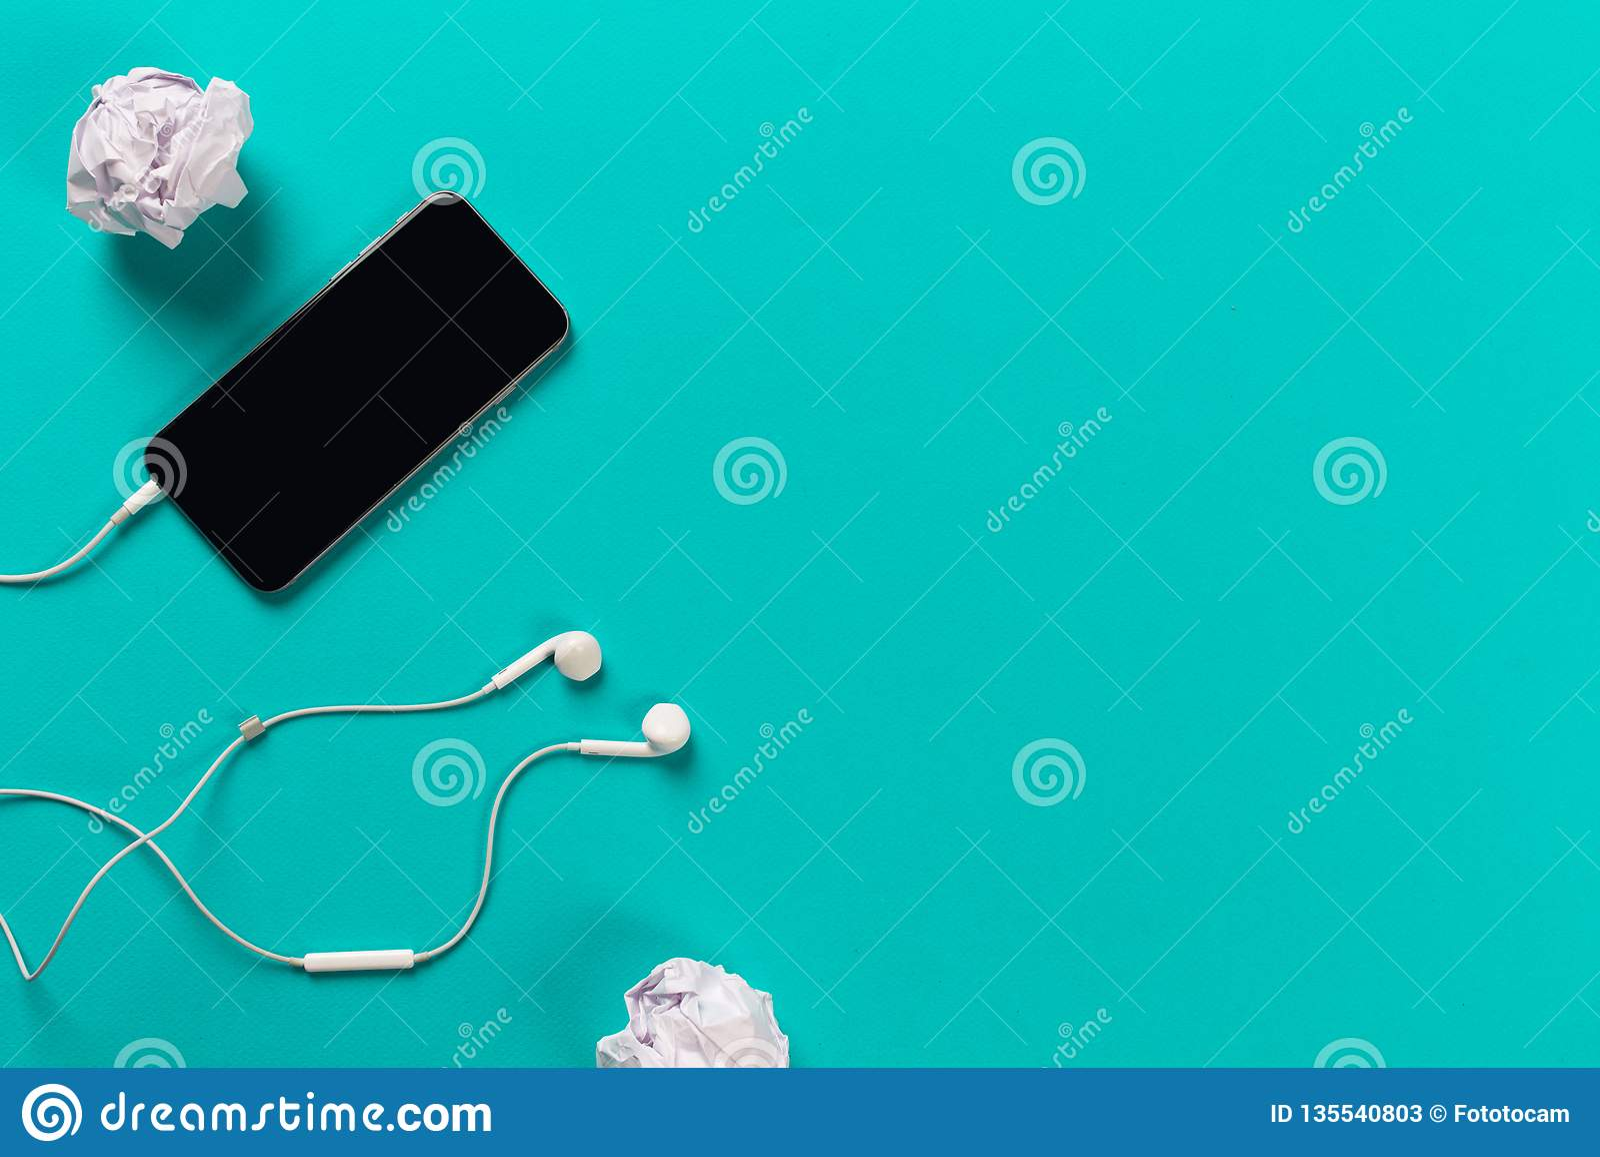 Telefon komórkowy z białymi słuchawkami na colour backgroung z staczającym się papierem, odgórny widok